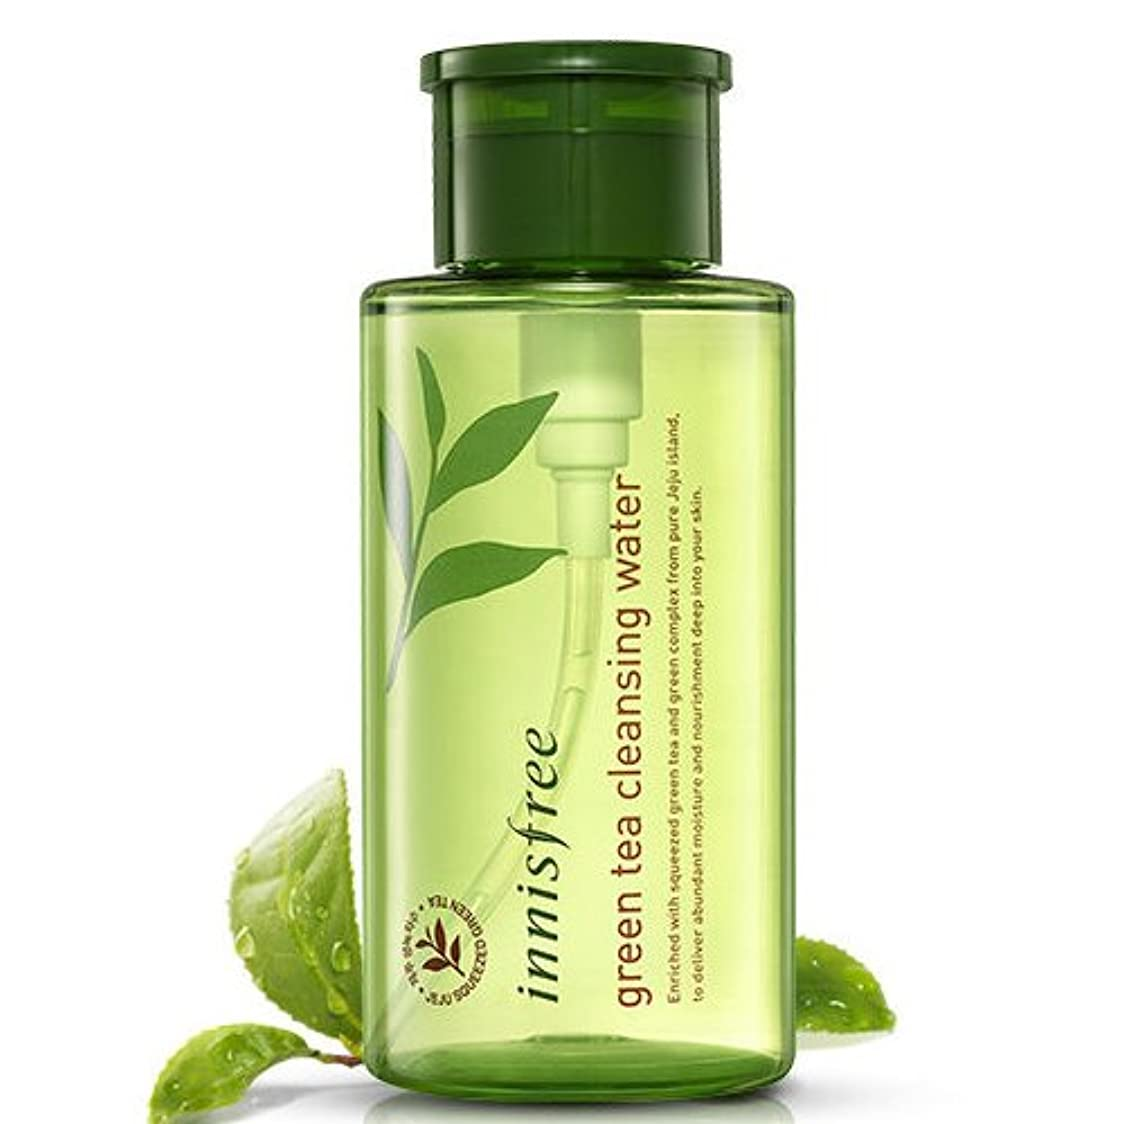 カートン威するプット[INNISFREE]イニスフリーグリーンティークレンジングウォーター 300ml innisfree green tea cleansing water 300ml[並行輸入品]